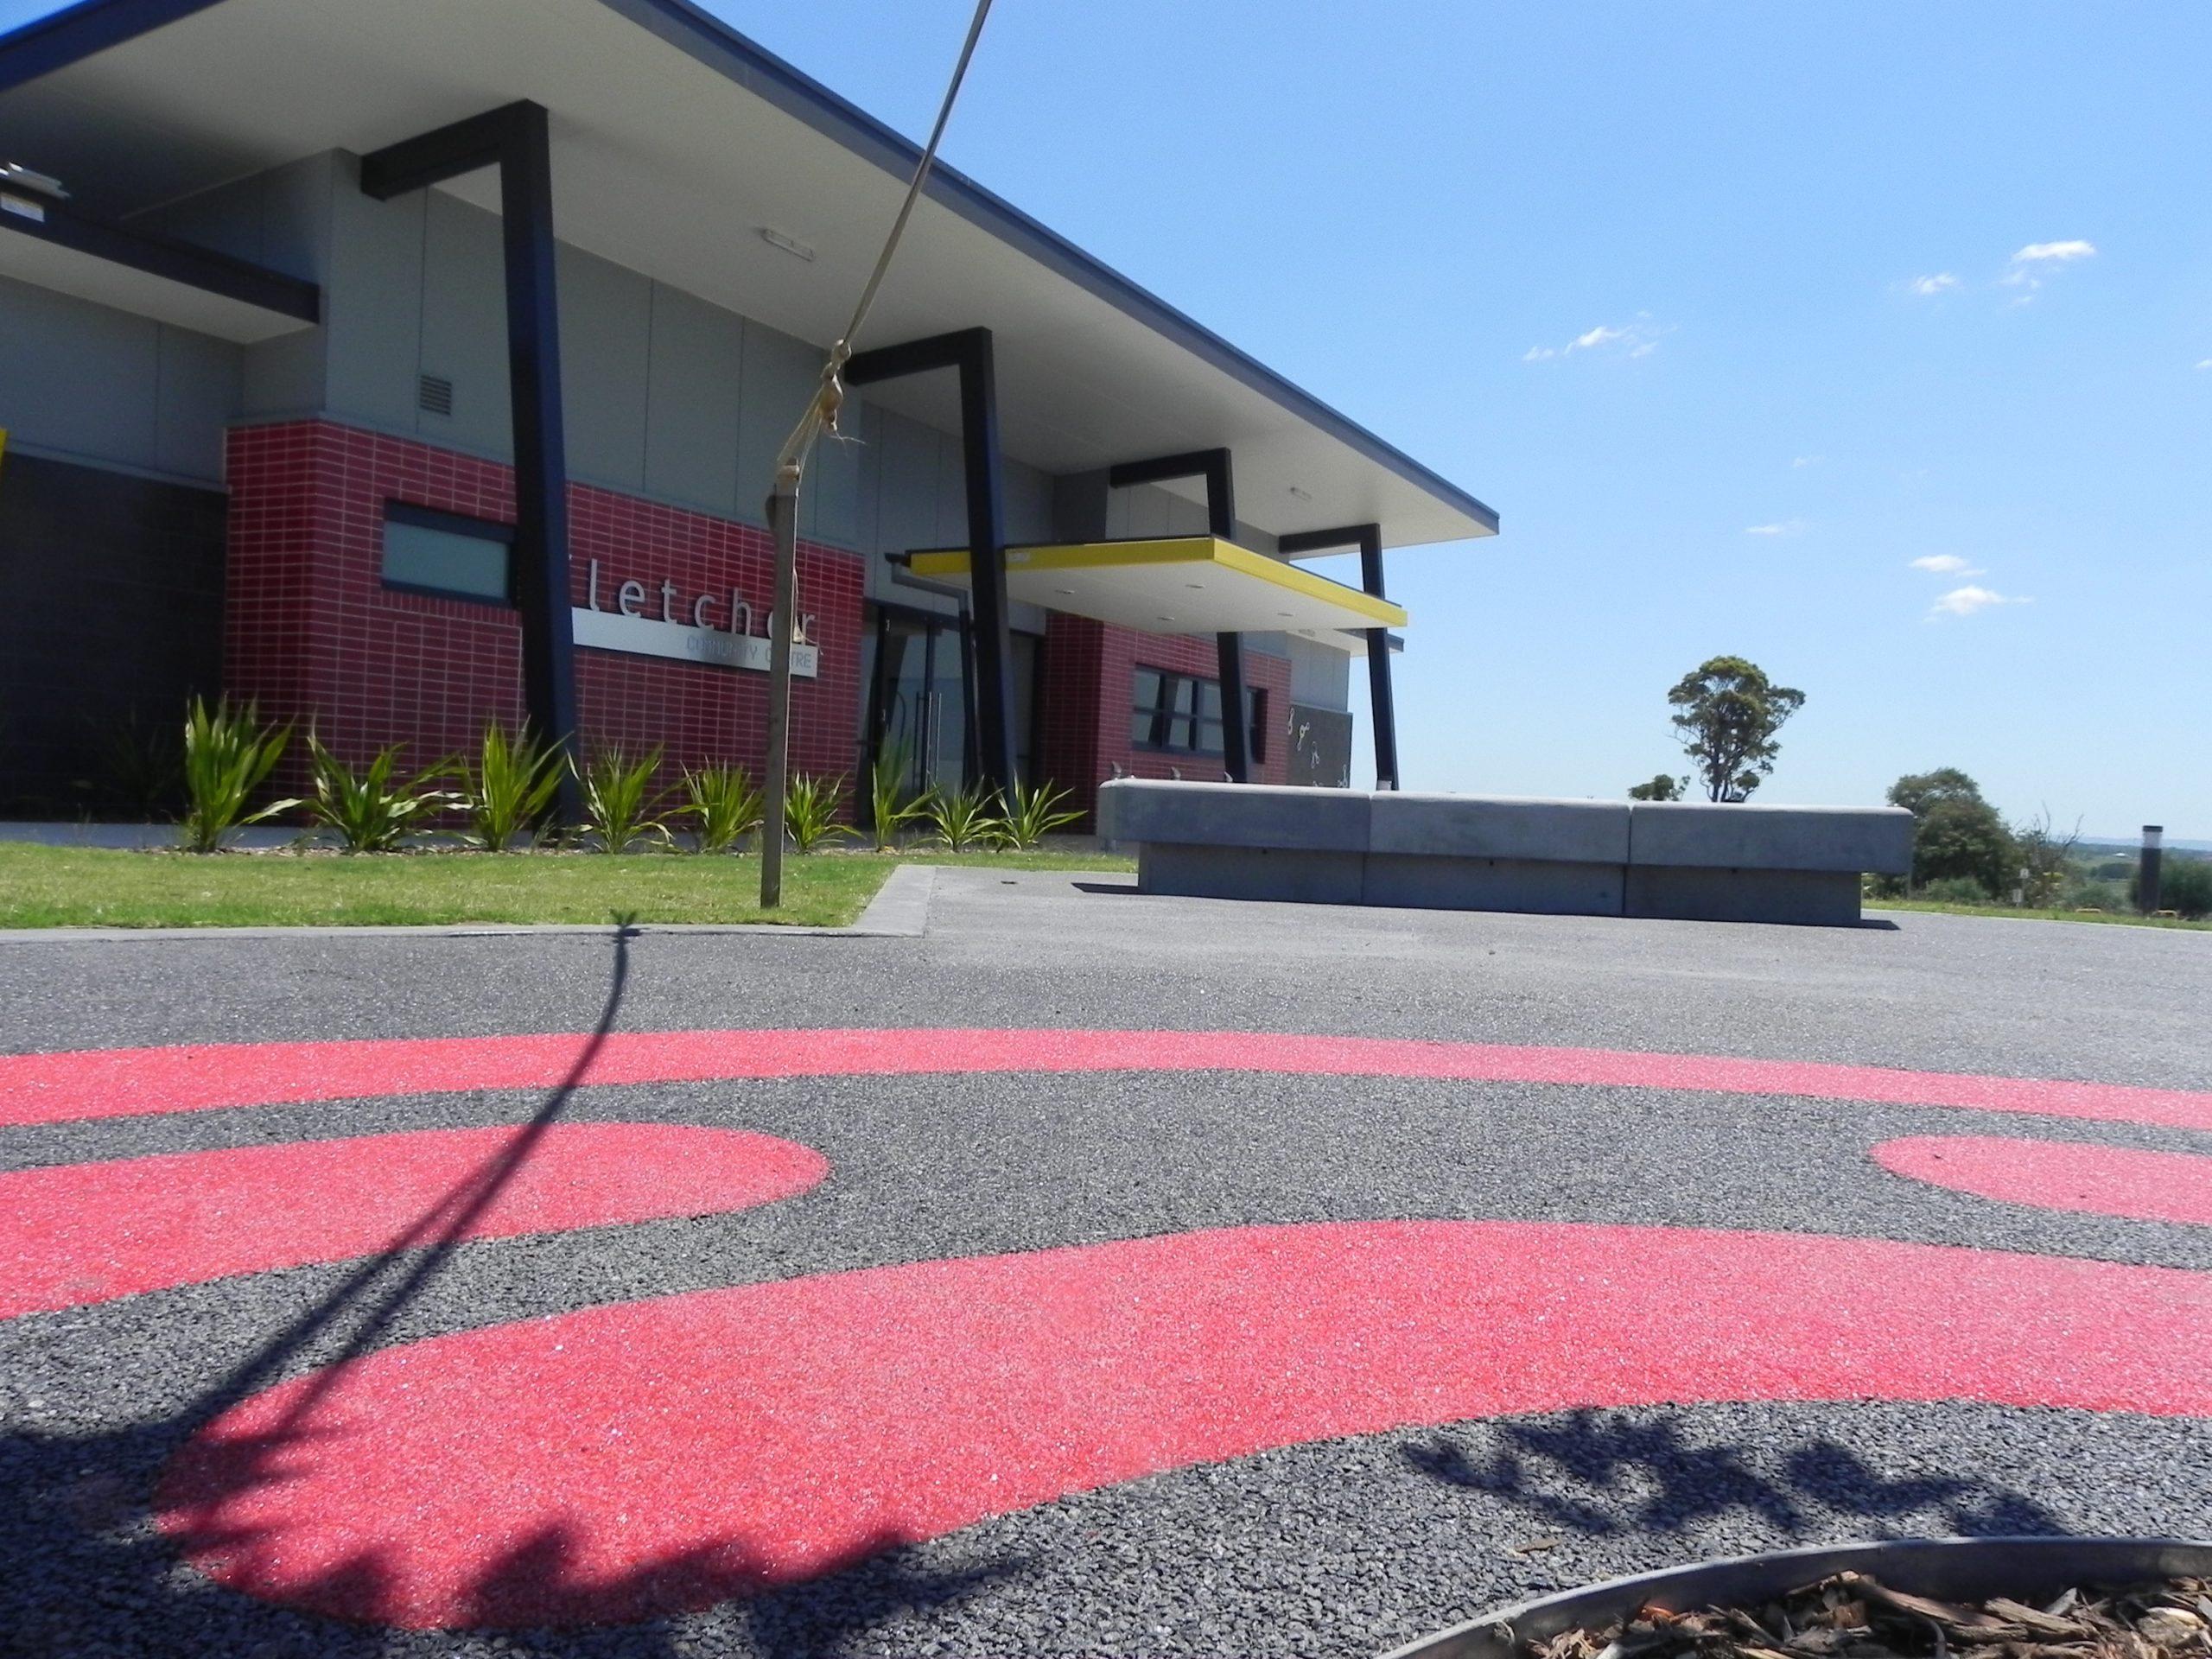 permeable paving, porous pavers, porous paving, pathway resurfacing